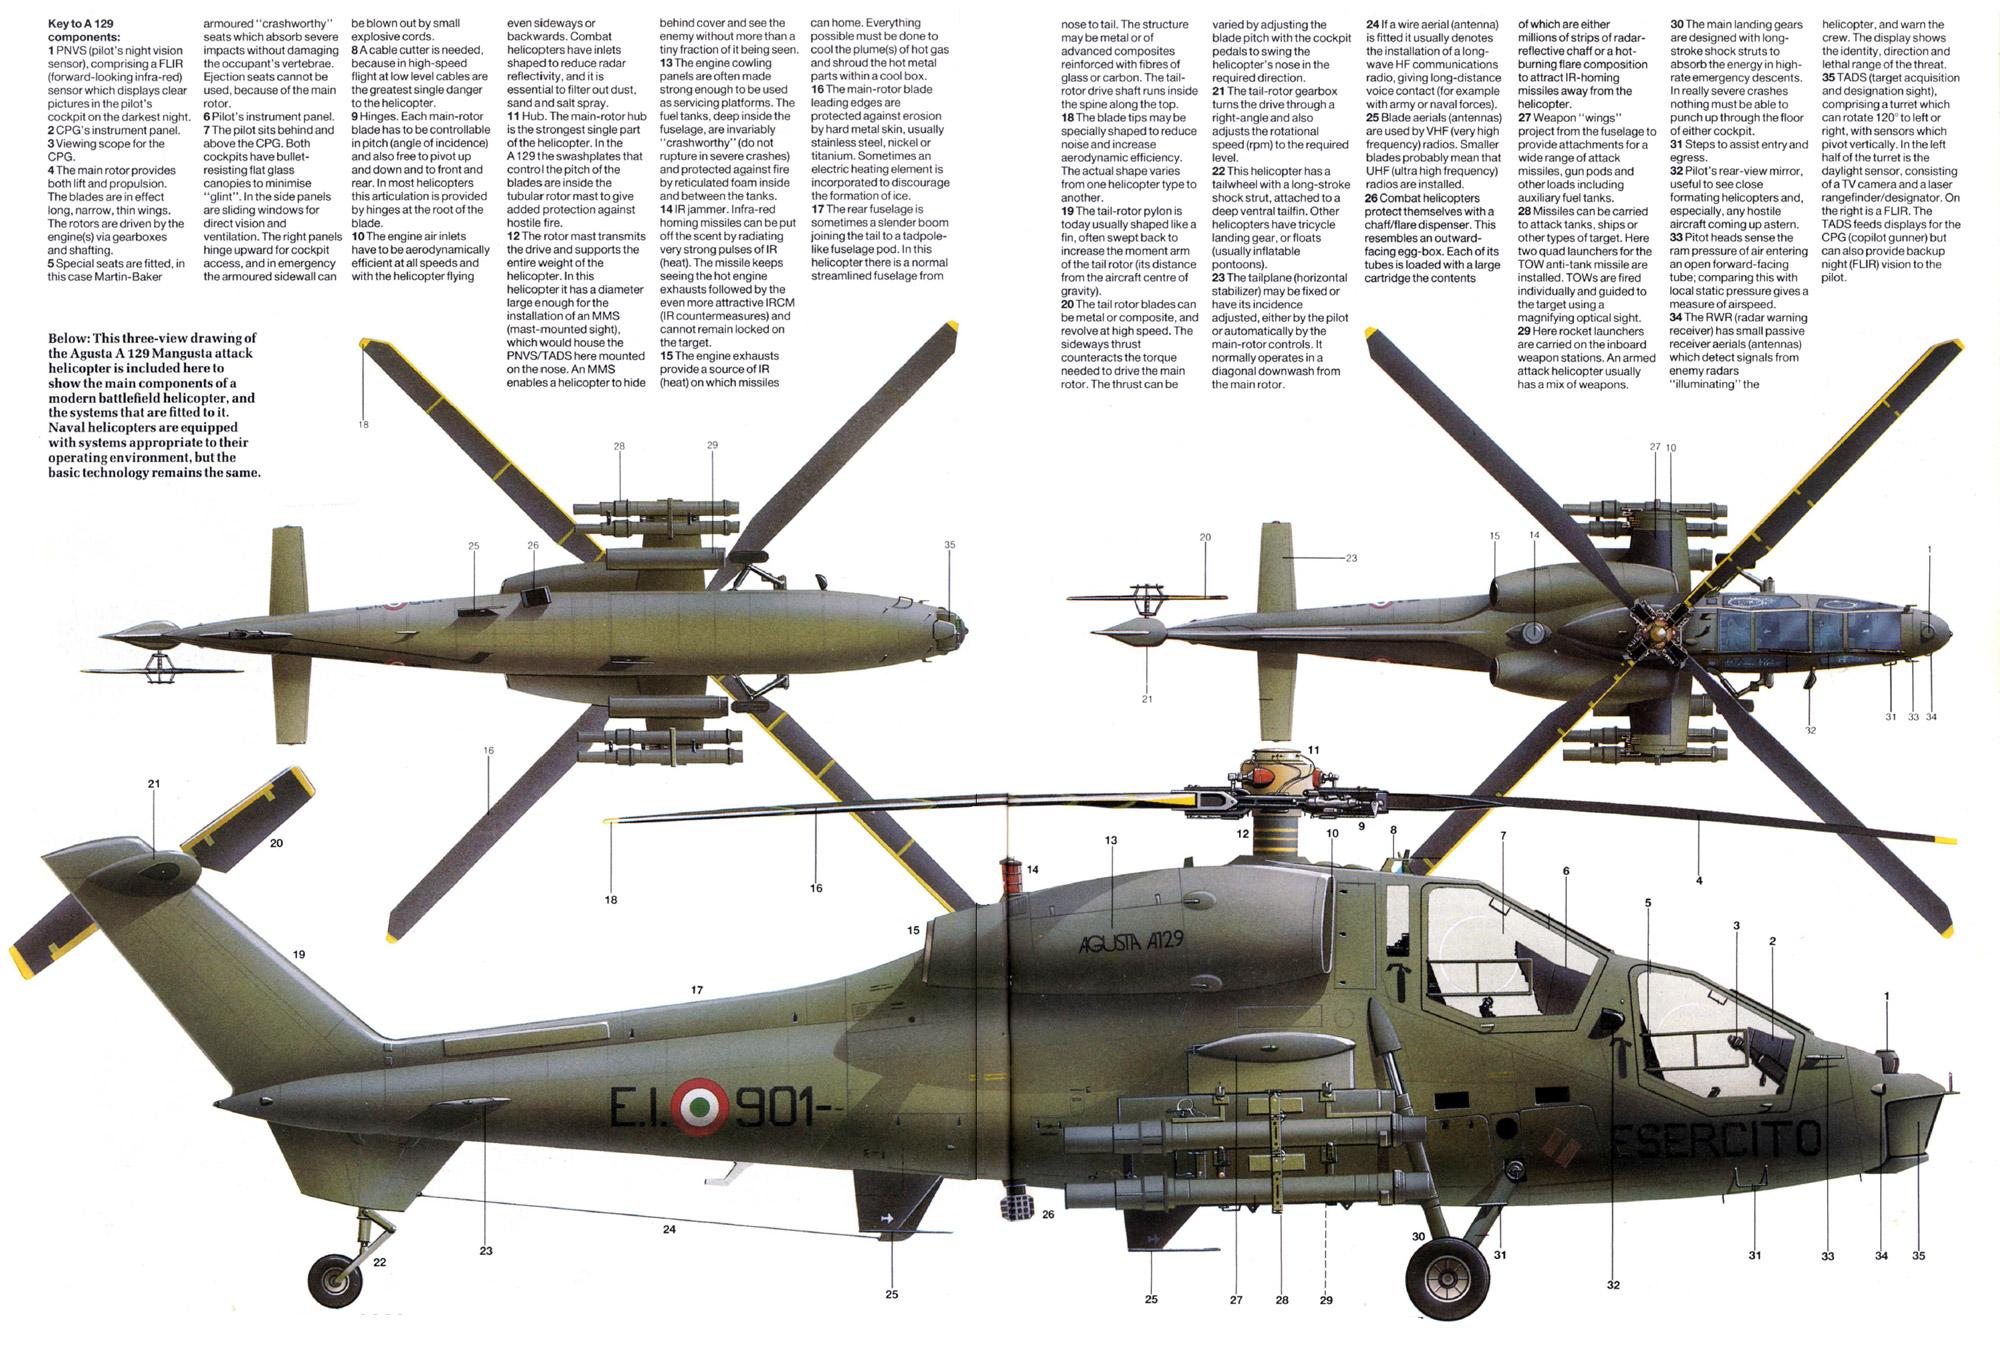 Elicottero T 129 : Anatomia del prototipo della129 mangusta sobchak security est. 2005